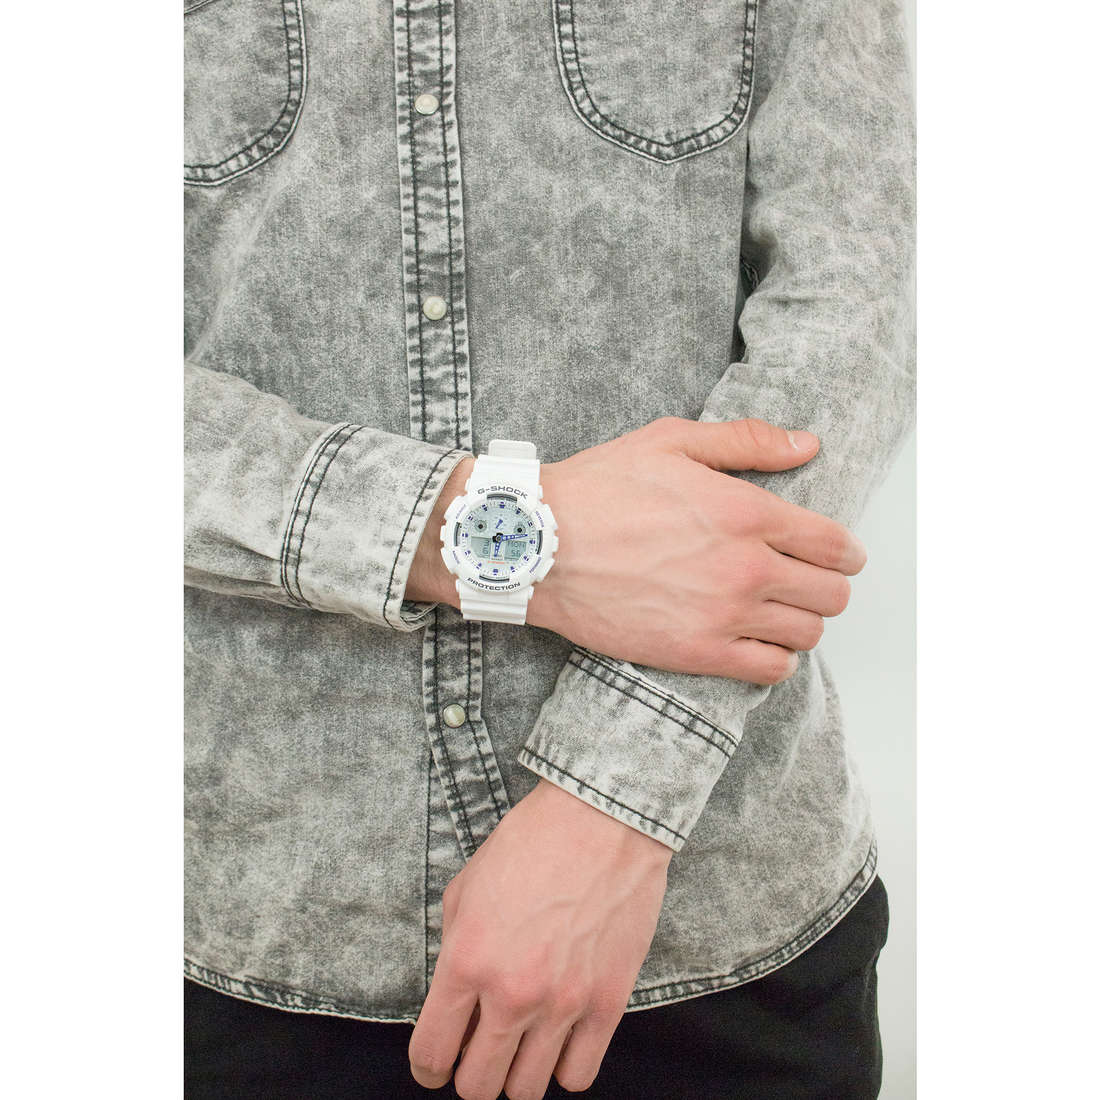 Casio numériques G-Shock homme GA-100A-7AER photo wearing